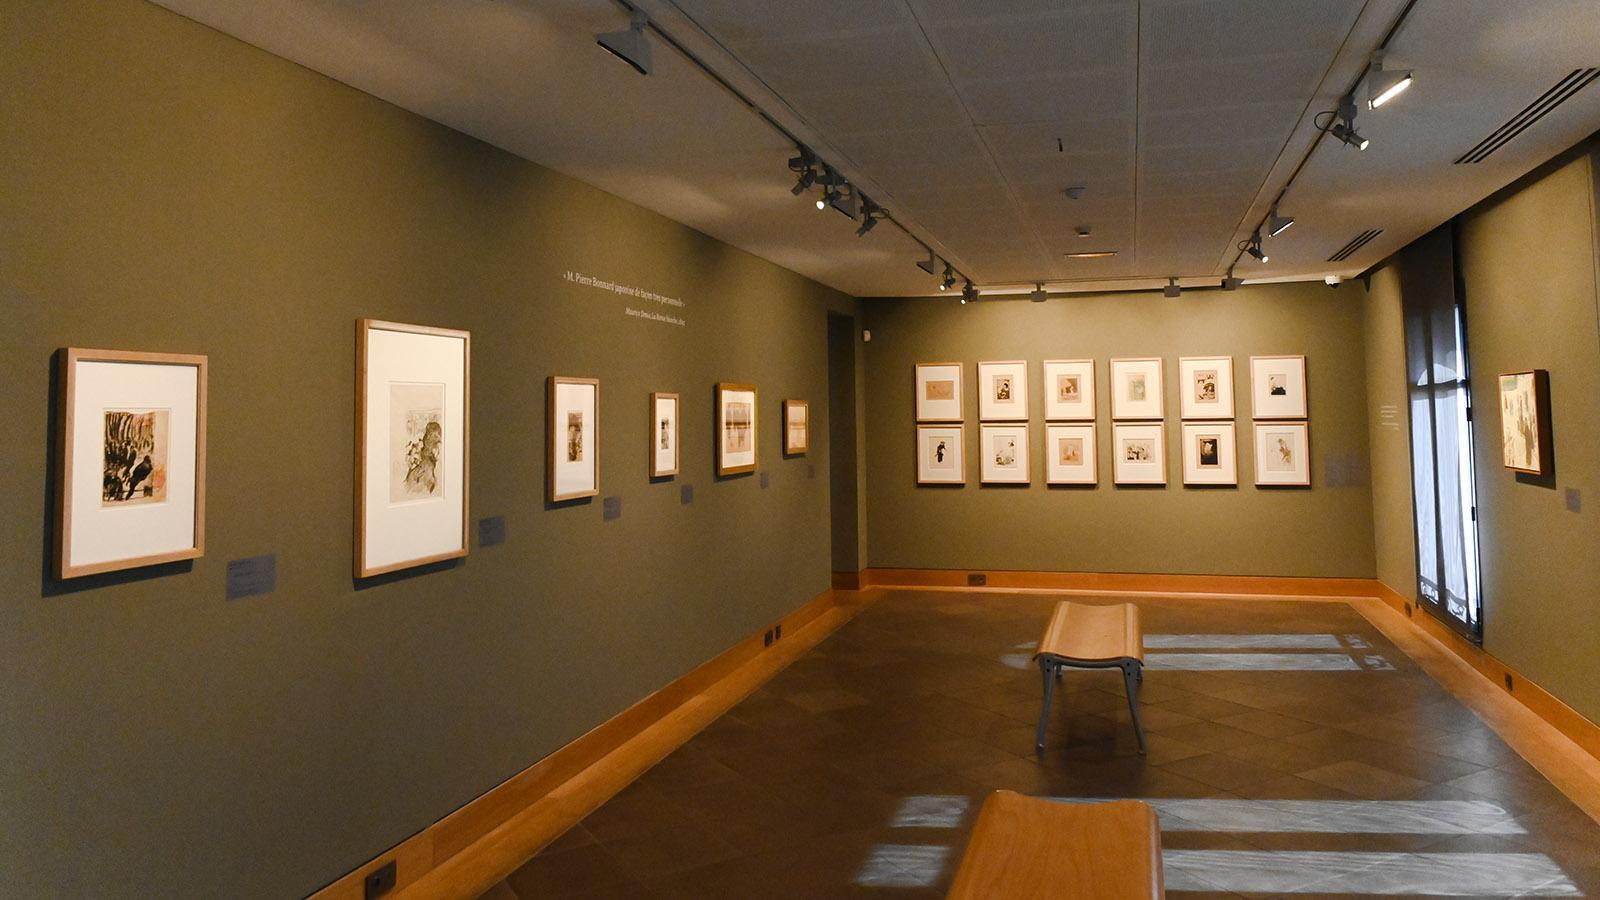 Musée Bonnard zeigt das Lebenswerk von Pierre Bonnard. Foto: Hilke Maunder